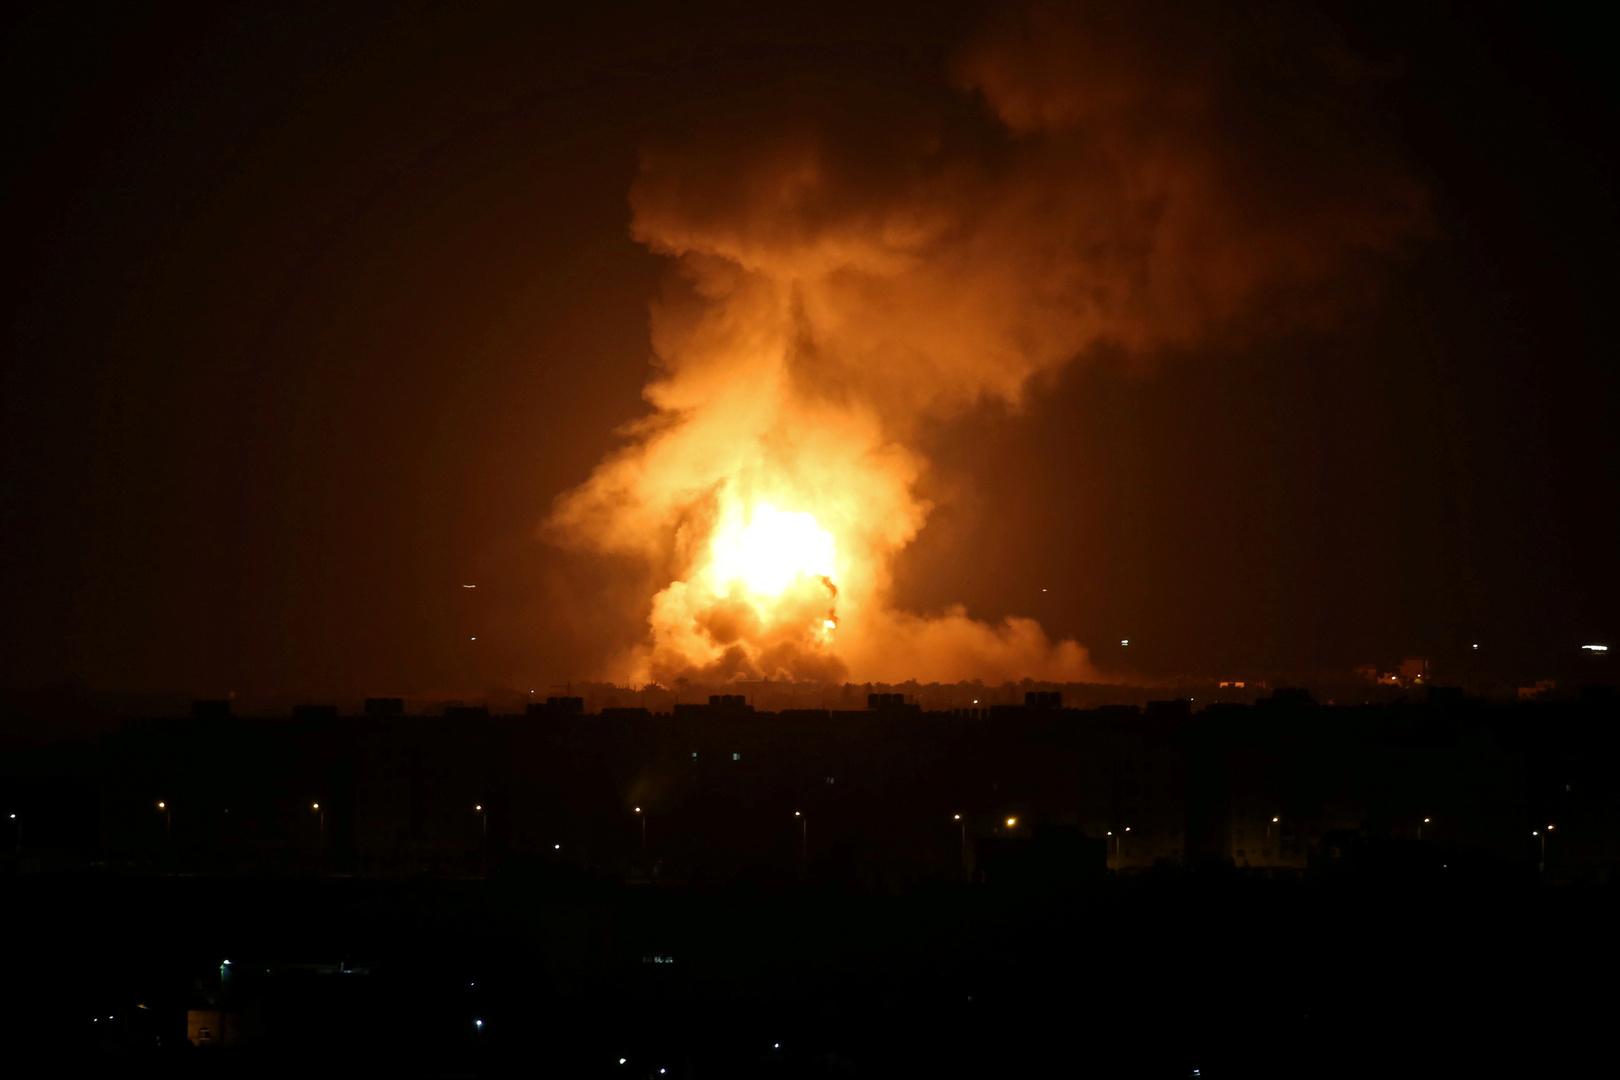 أعمدة دخان وألسنة نيران تتصاعد من موقع غارة للجيش الإسرائيلي في قطاع غزة